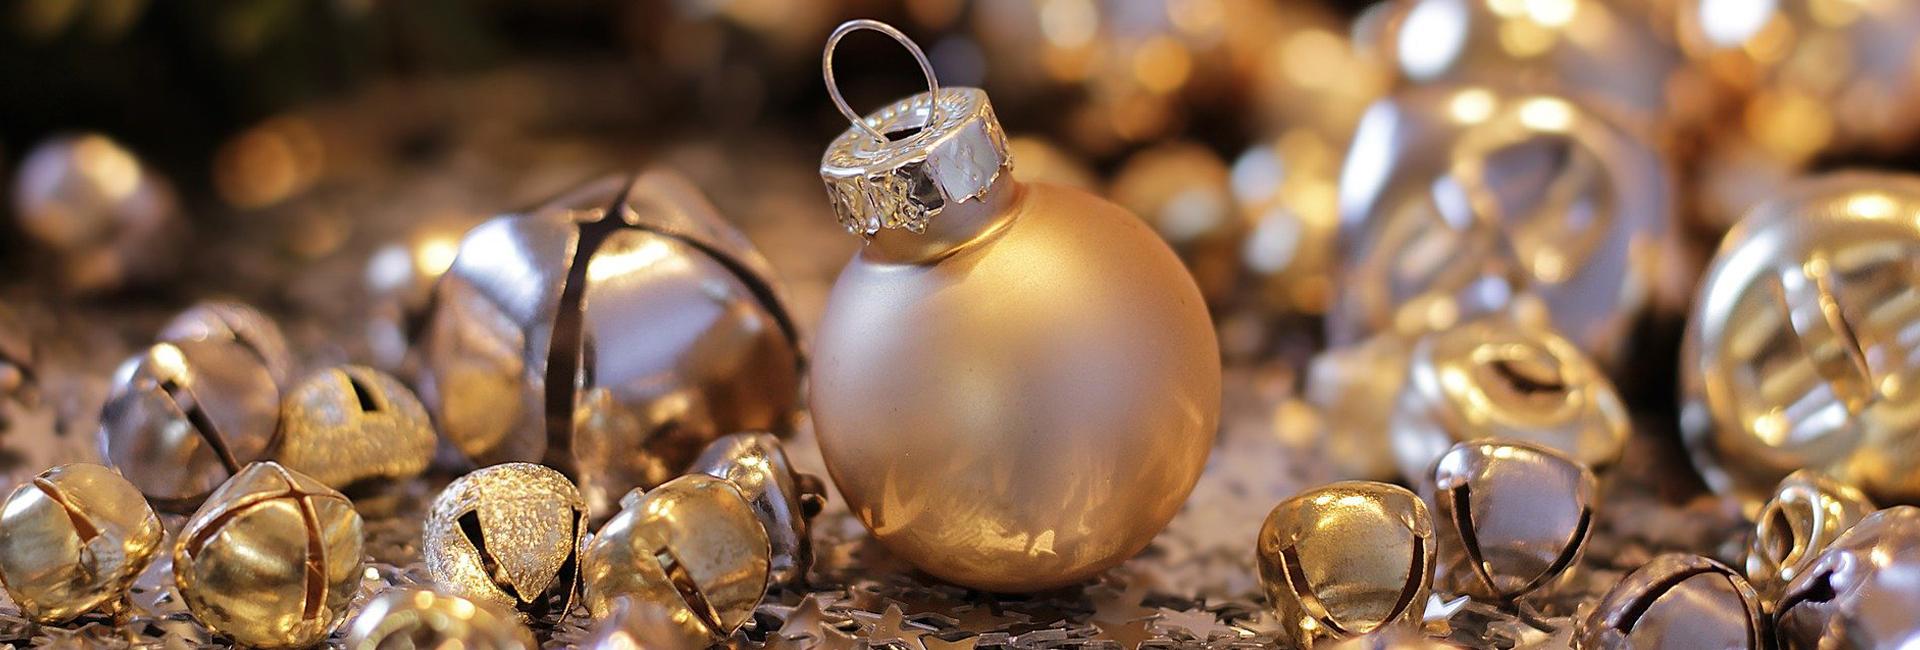 Weihnachtsstimmung im bauSpezi Baumarkt Burgebrach